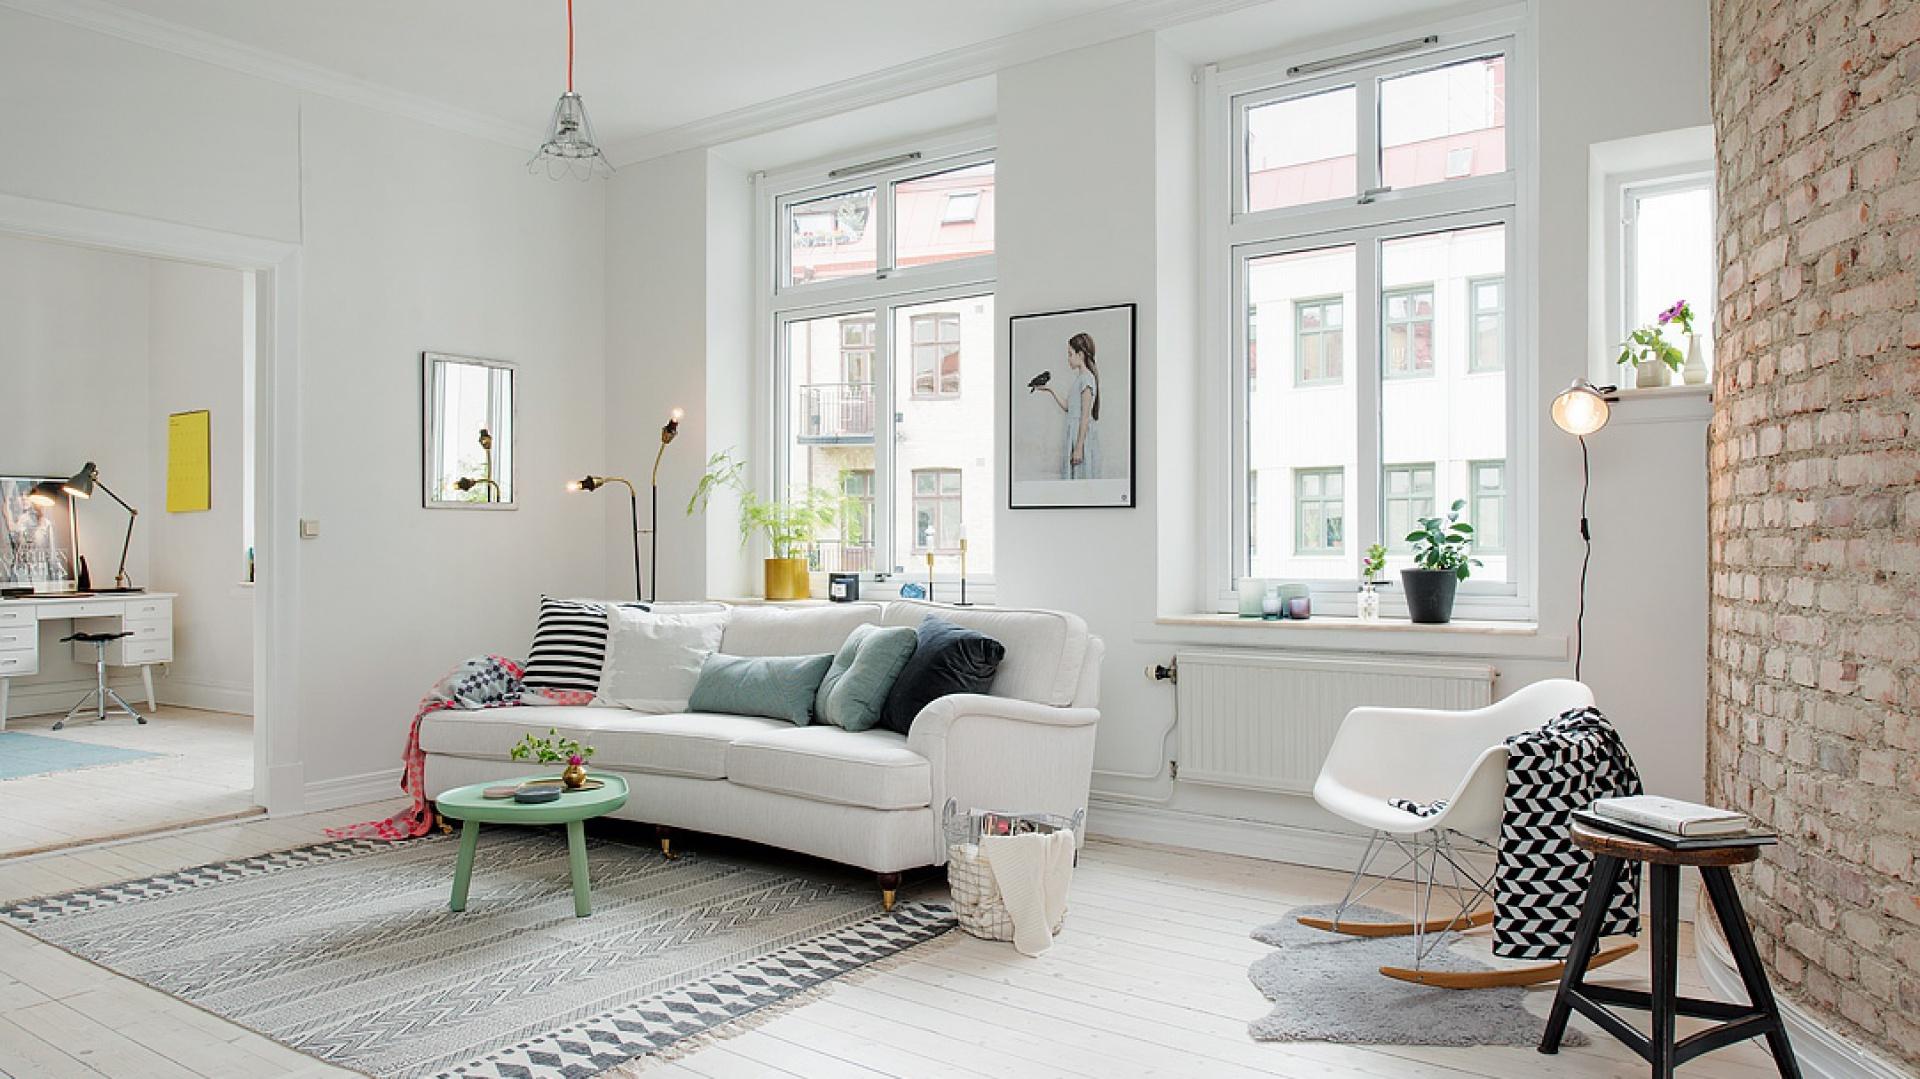 W białym salonie uwagę przyciąga ściana wykończona w całości cegłą. Wprowadza do wnętrza nieco surowego klimatu, korespondując z industrialnym oświetleniem. Fot. Alvhem Makleri.